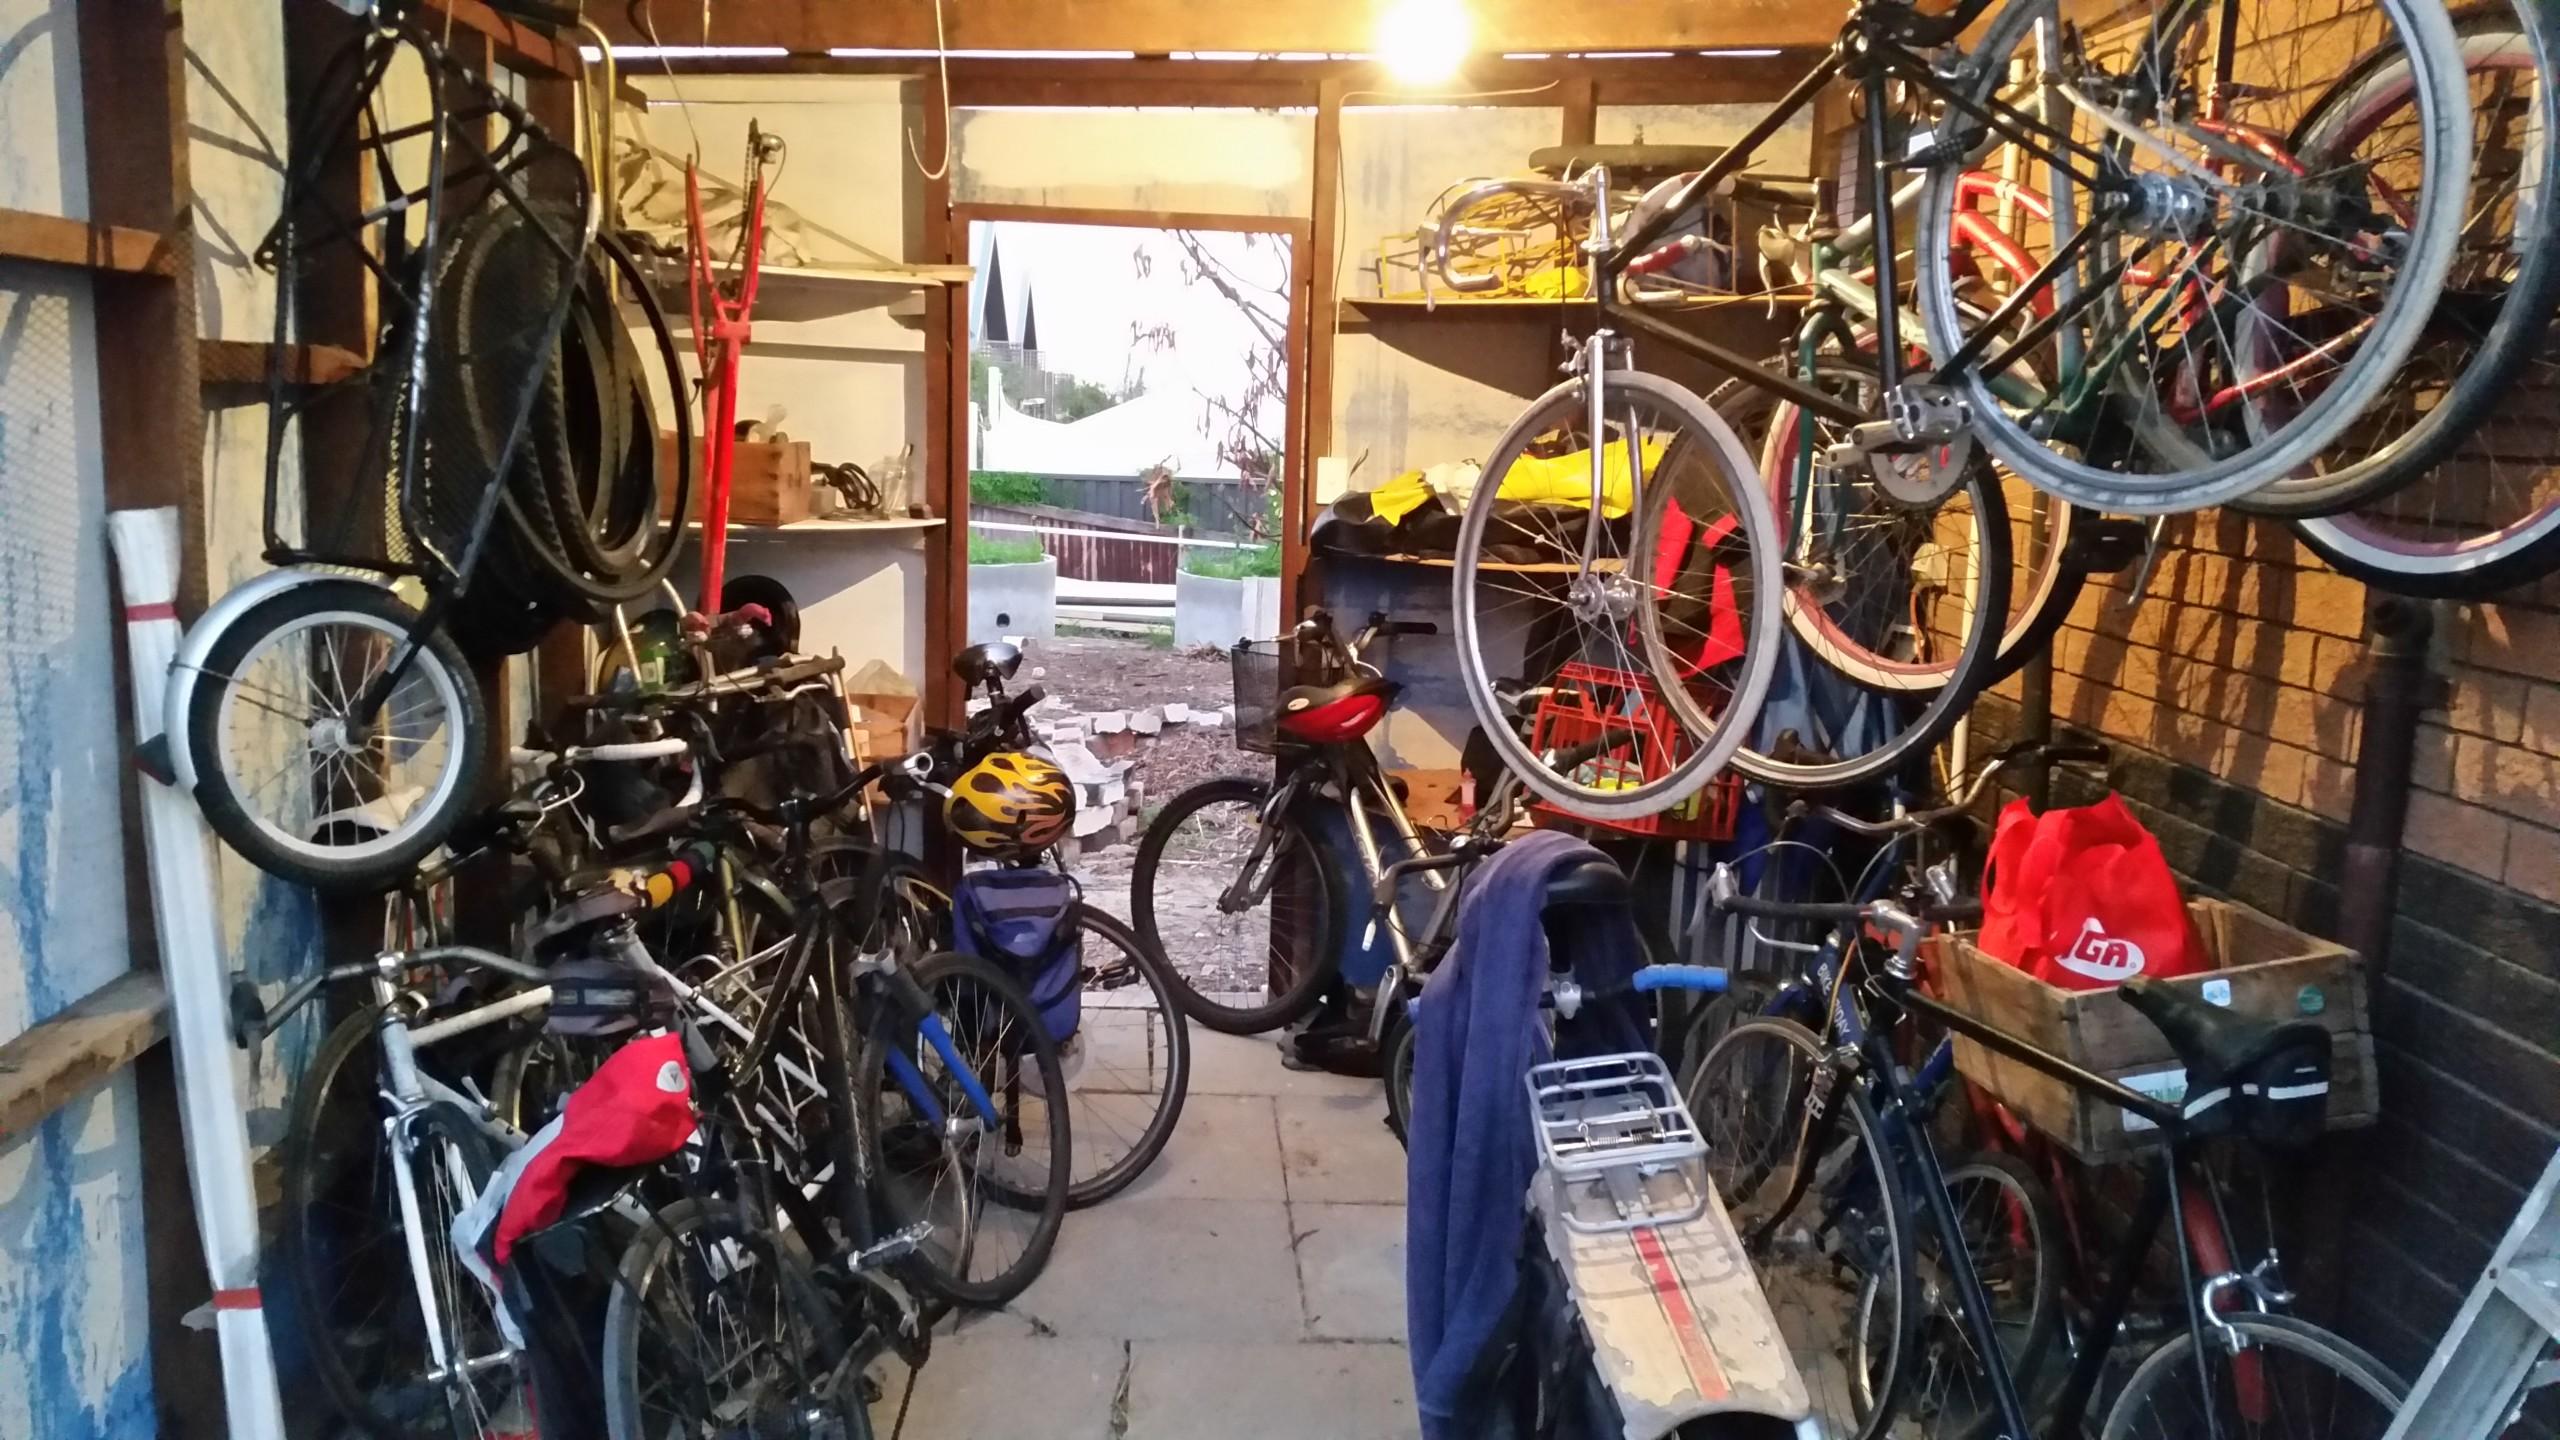 17 bikes